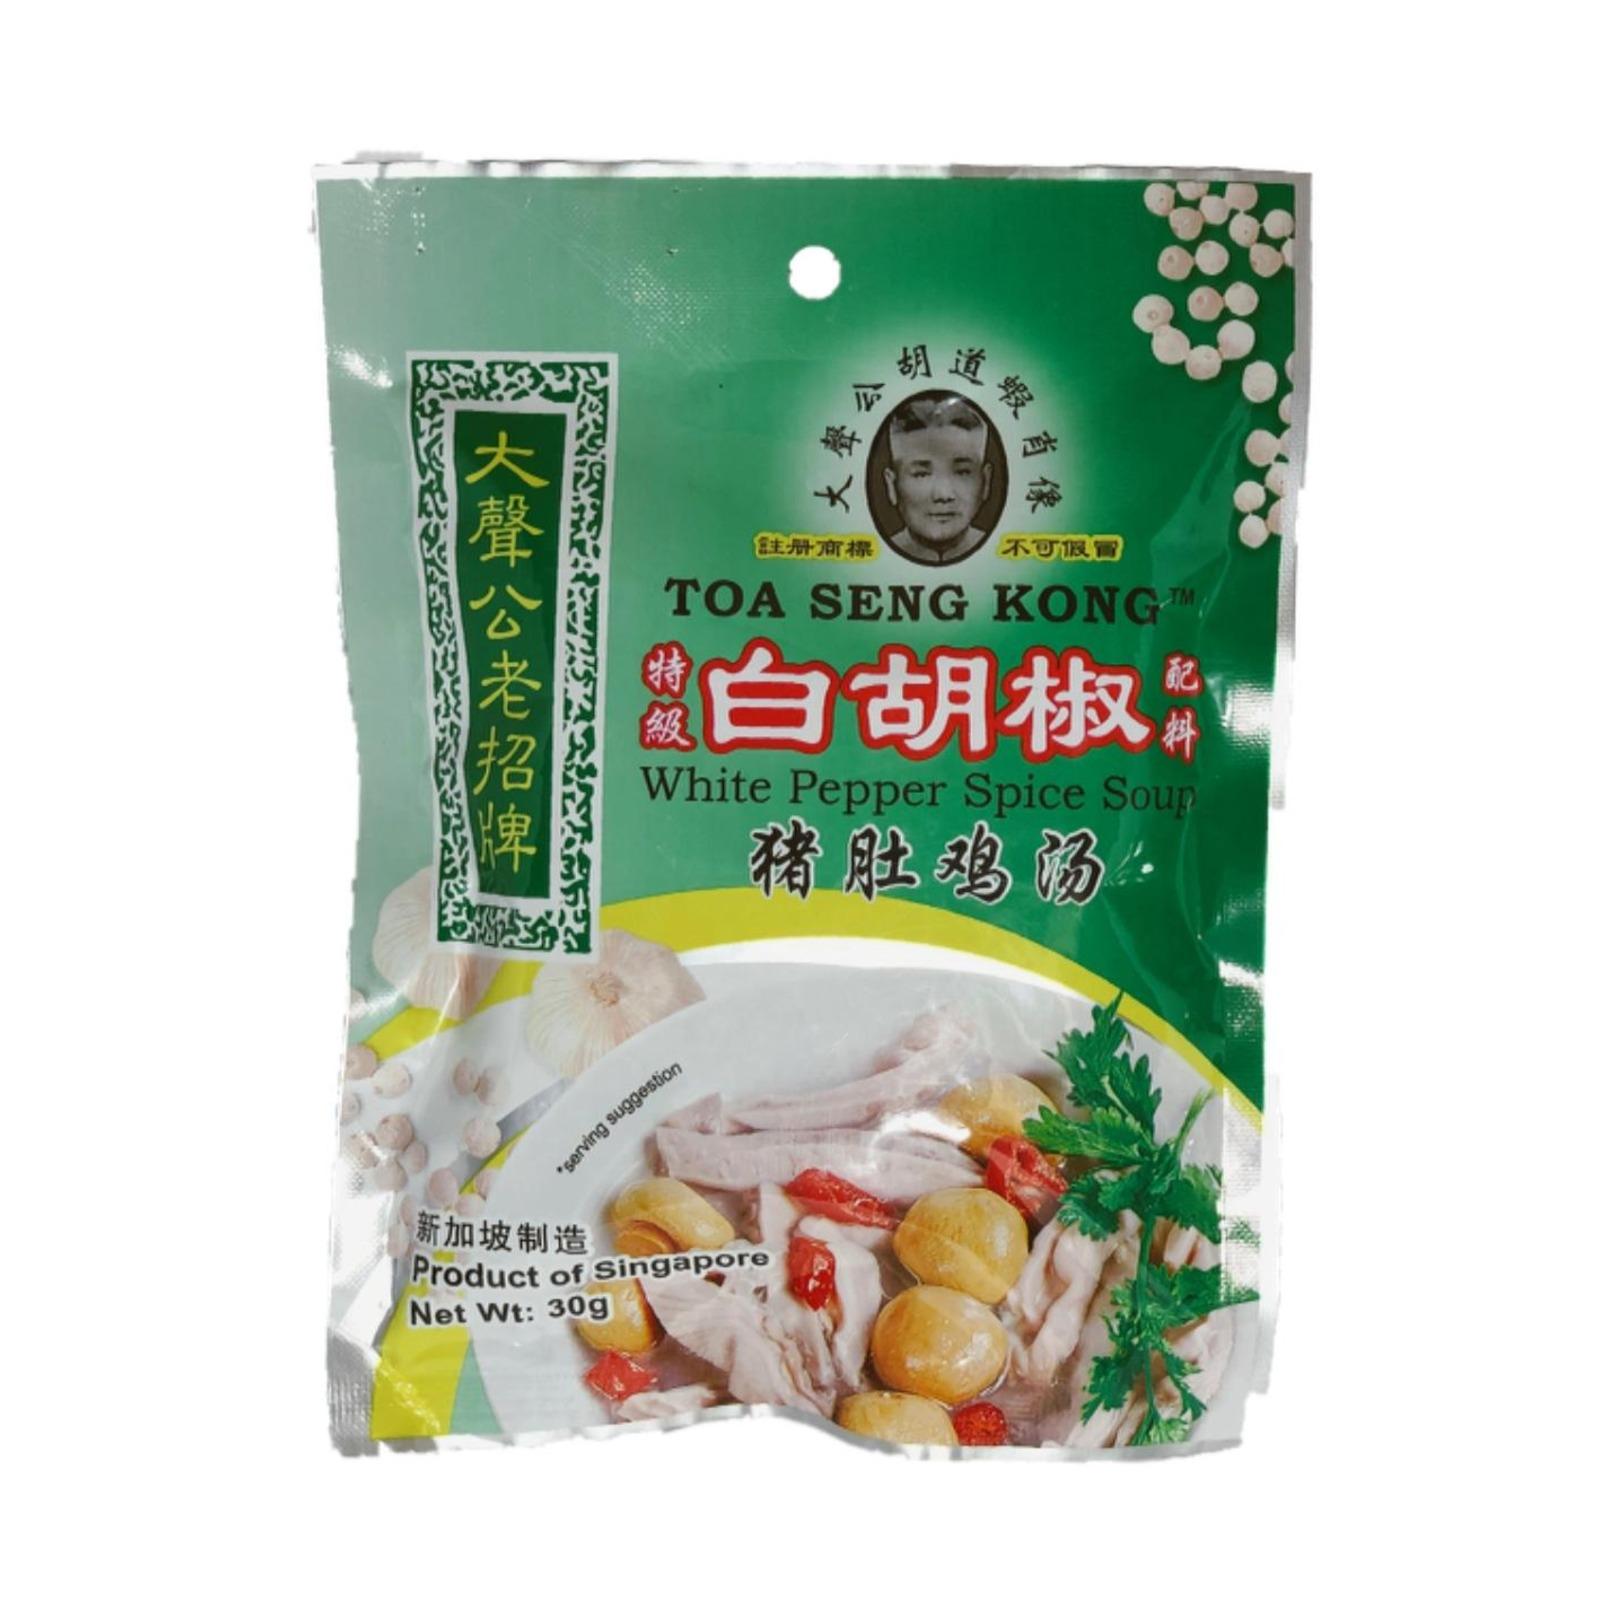 Toa Seng Kong White Pepper Spice Soup